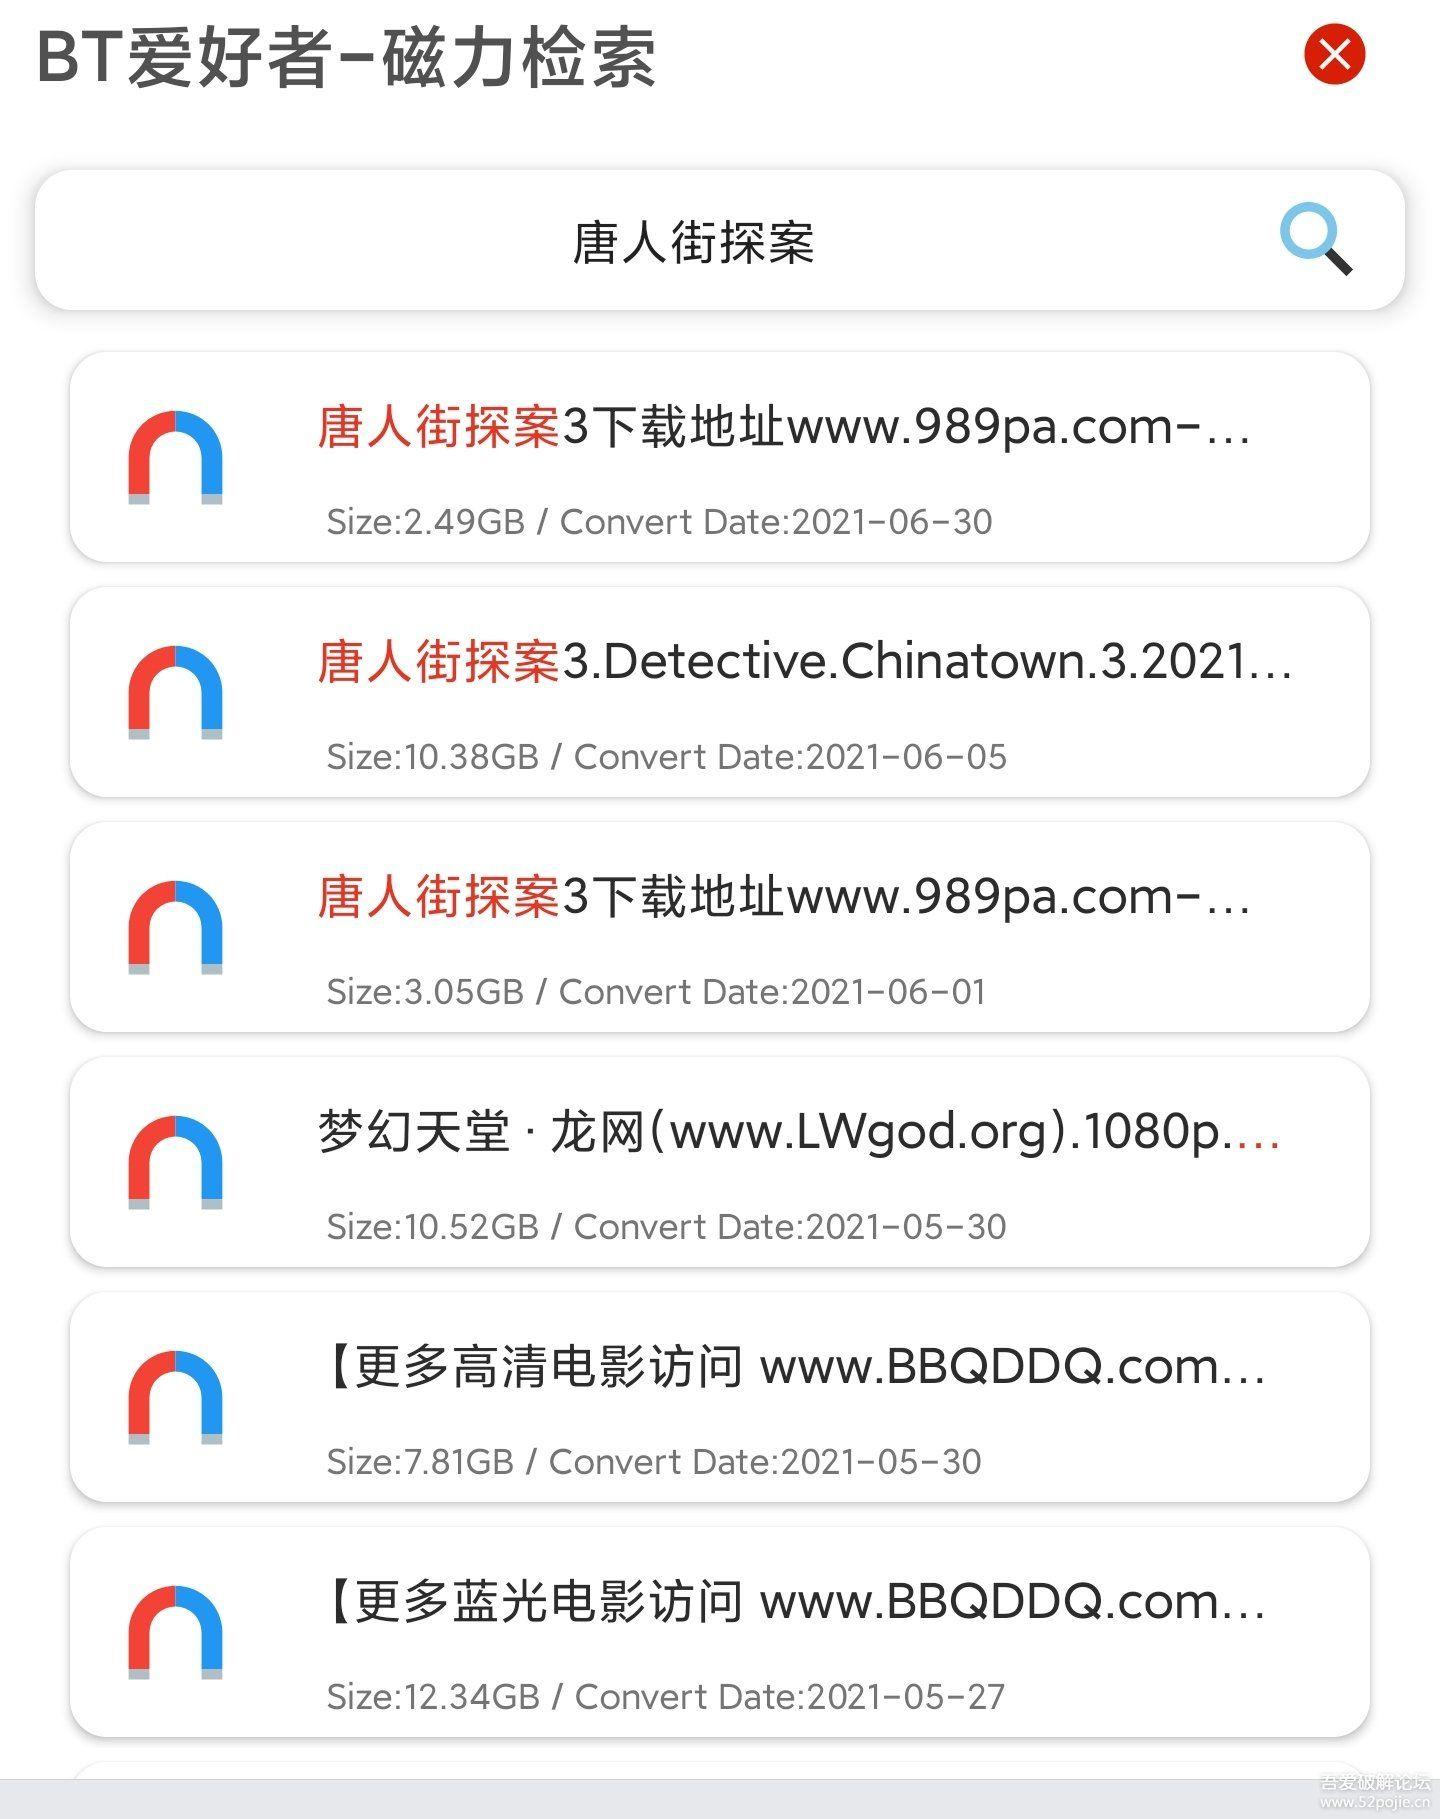 [Android] 磁力搜索软件 BT爱好者